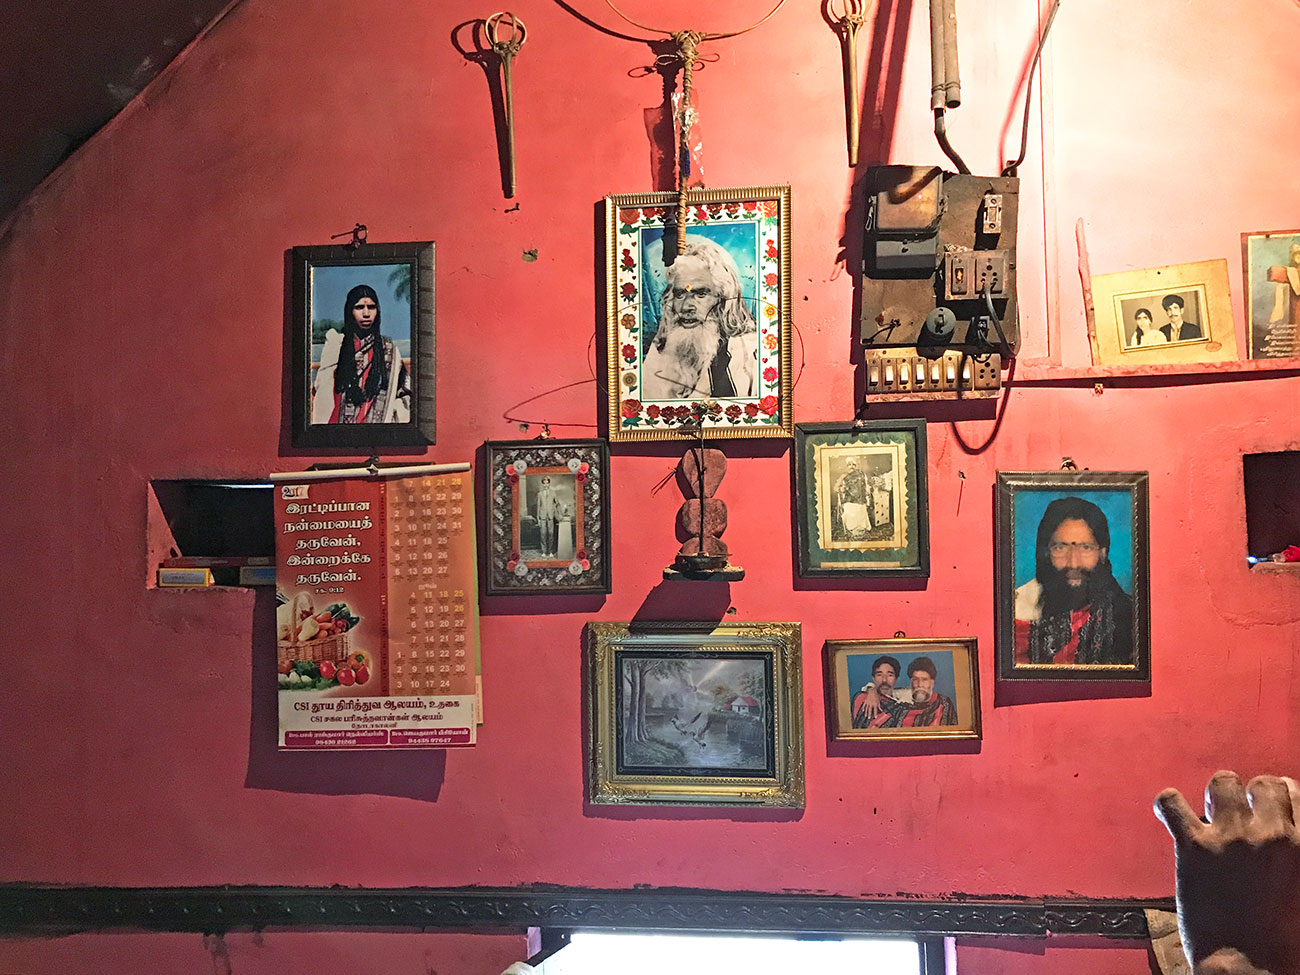 トダ族の一般家庭の内部、先祖のお写真